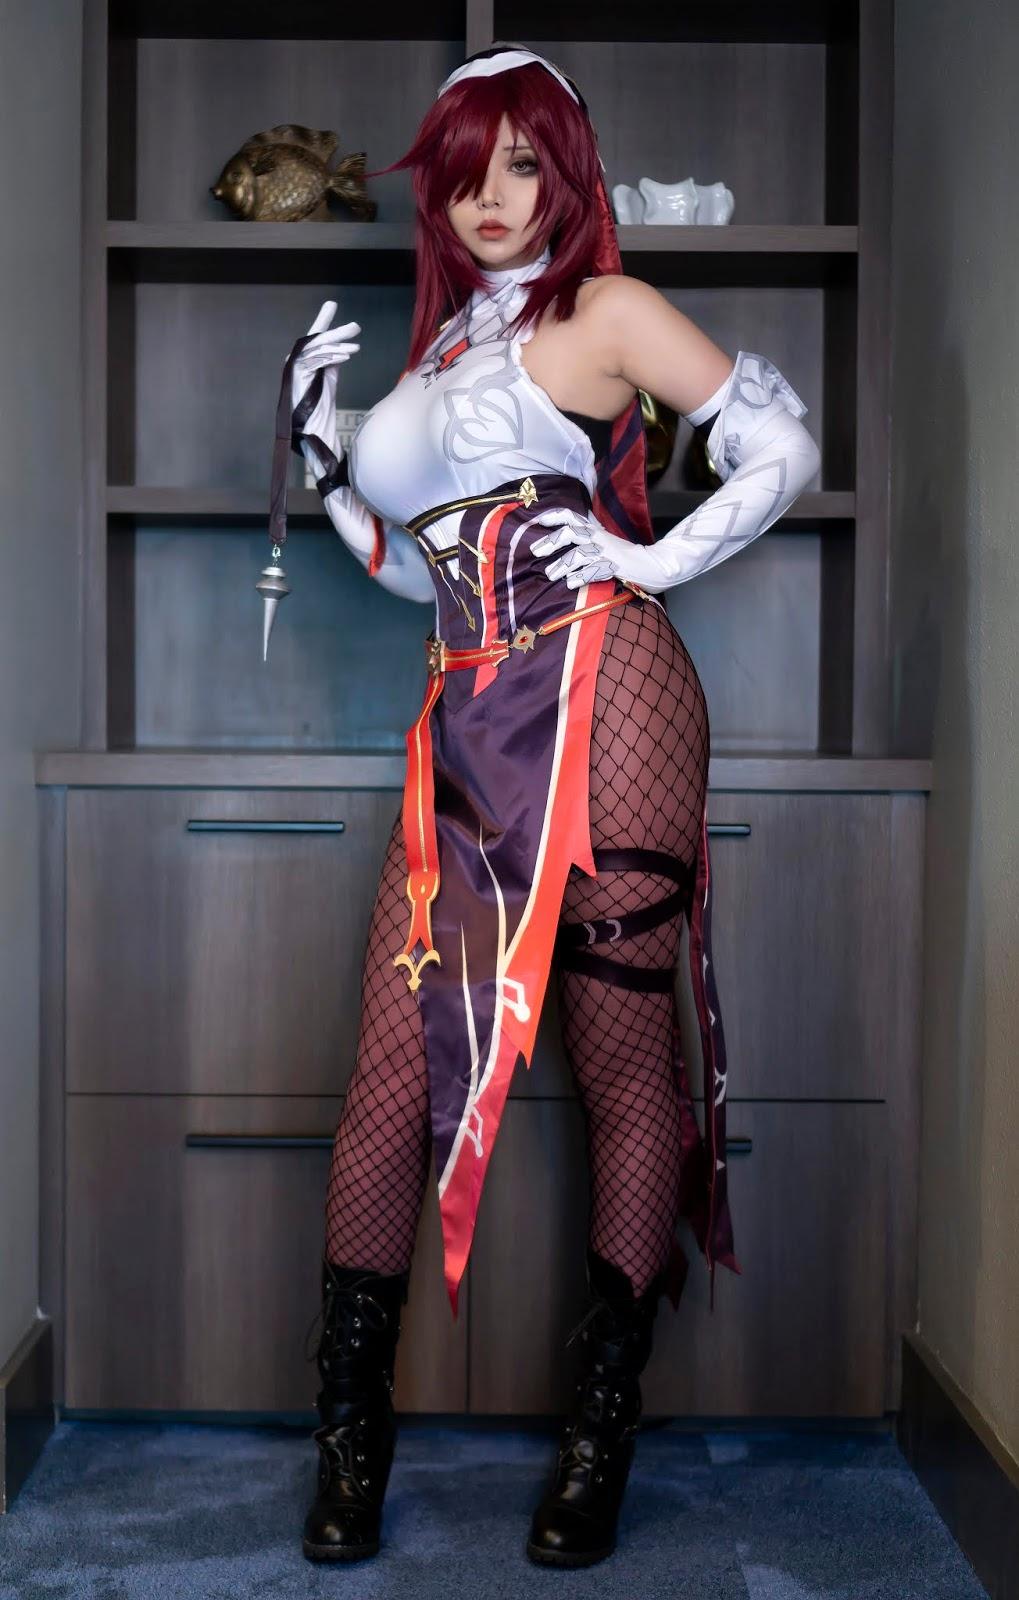 Hana Bunny - Rosaria (Genshin Impact)